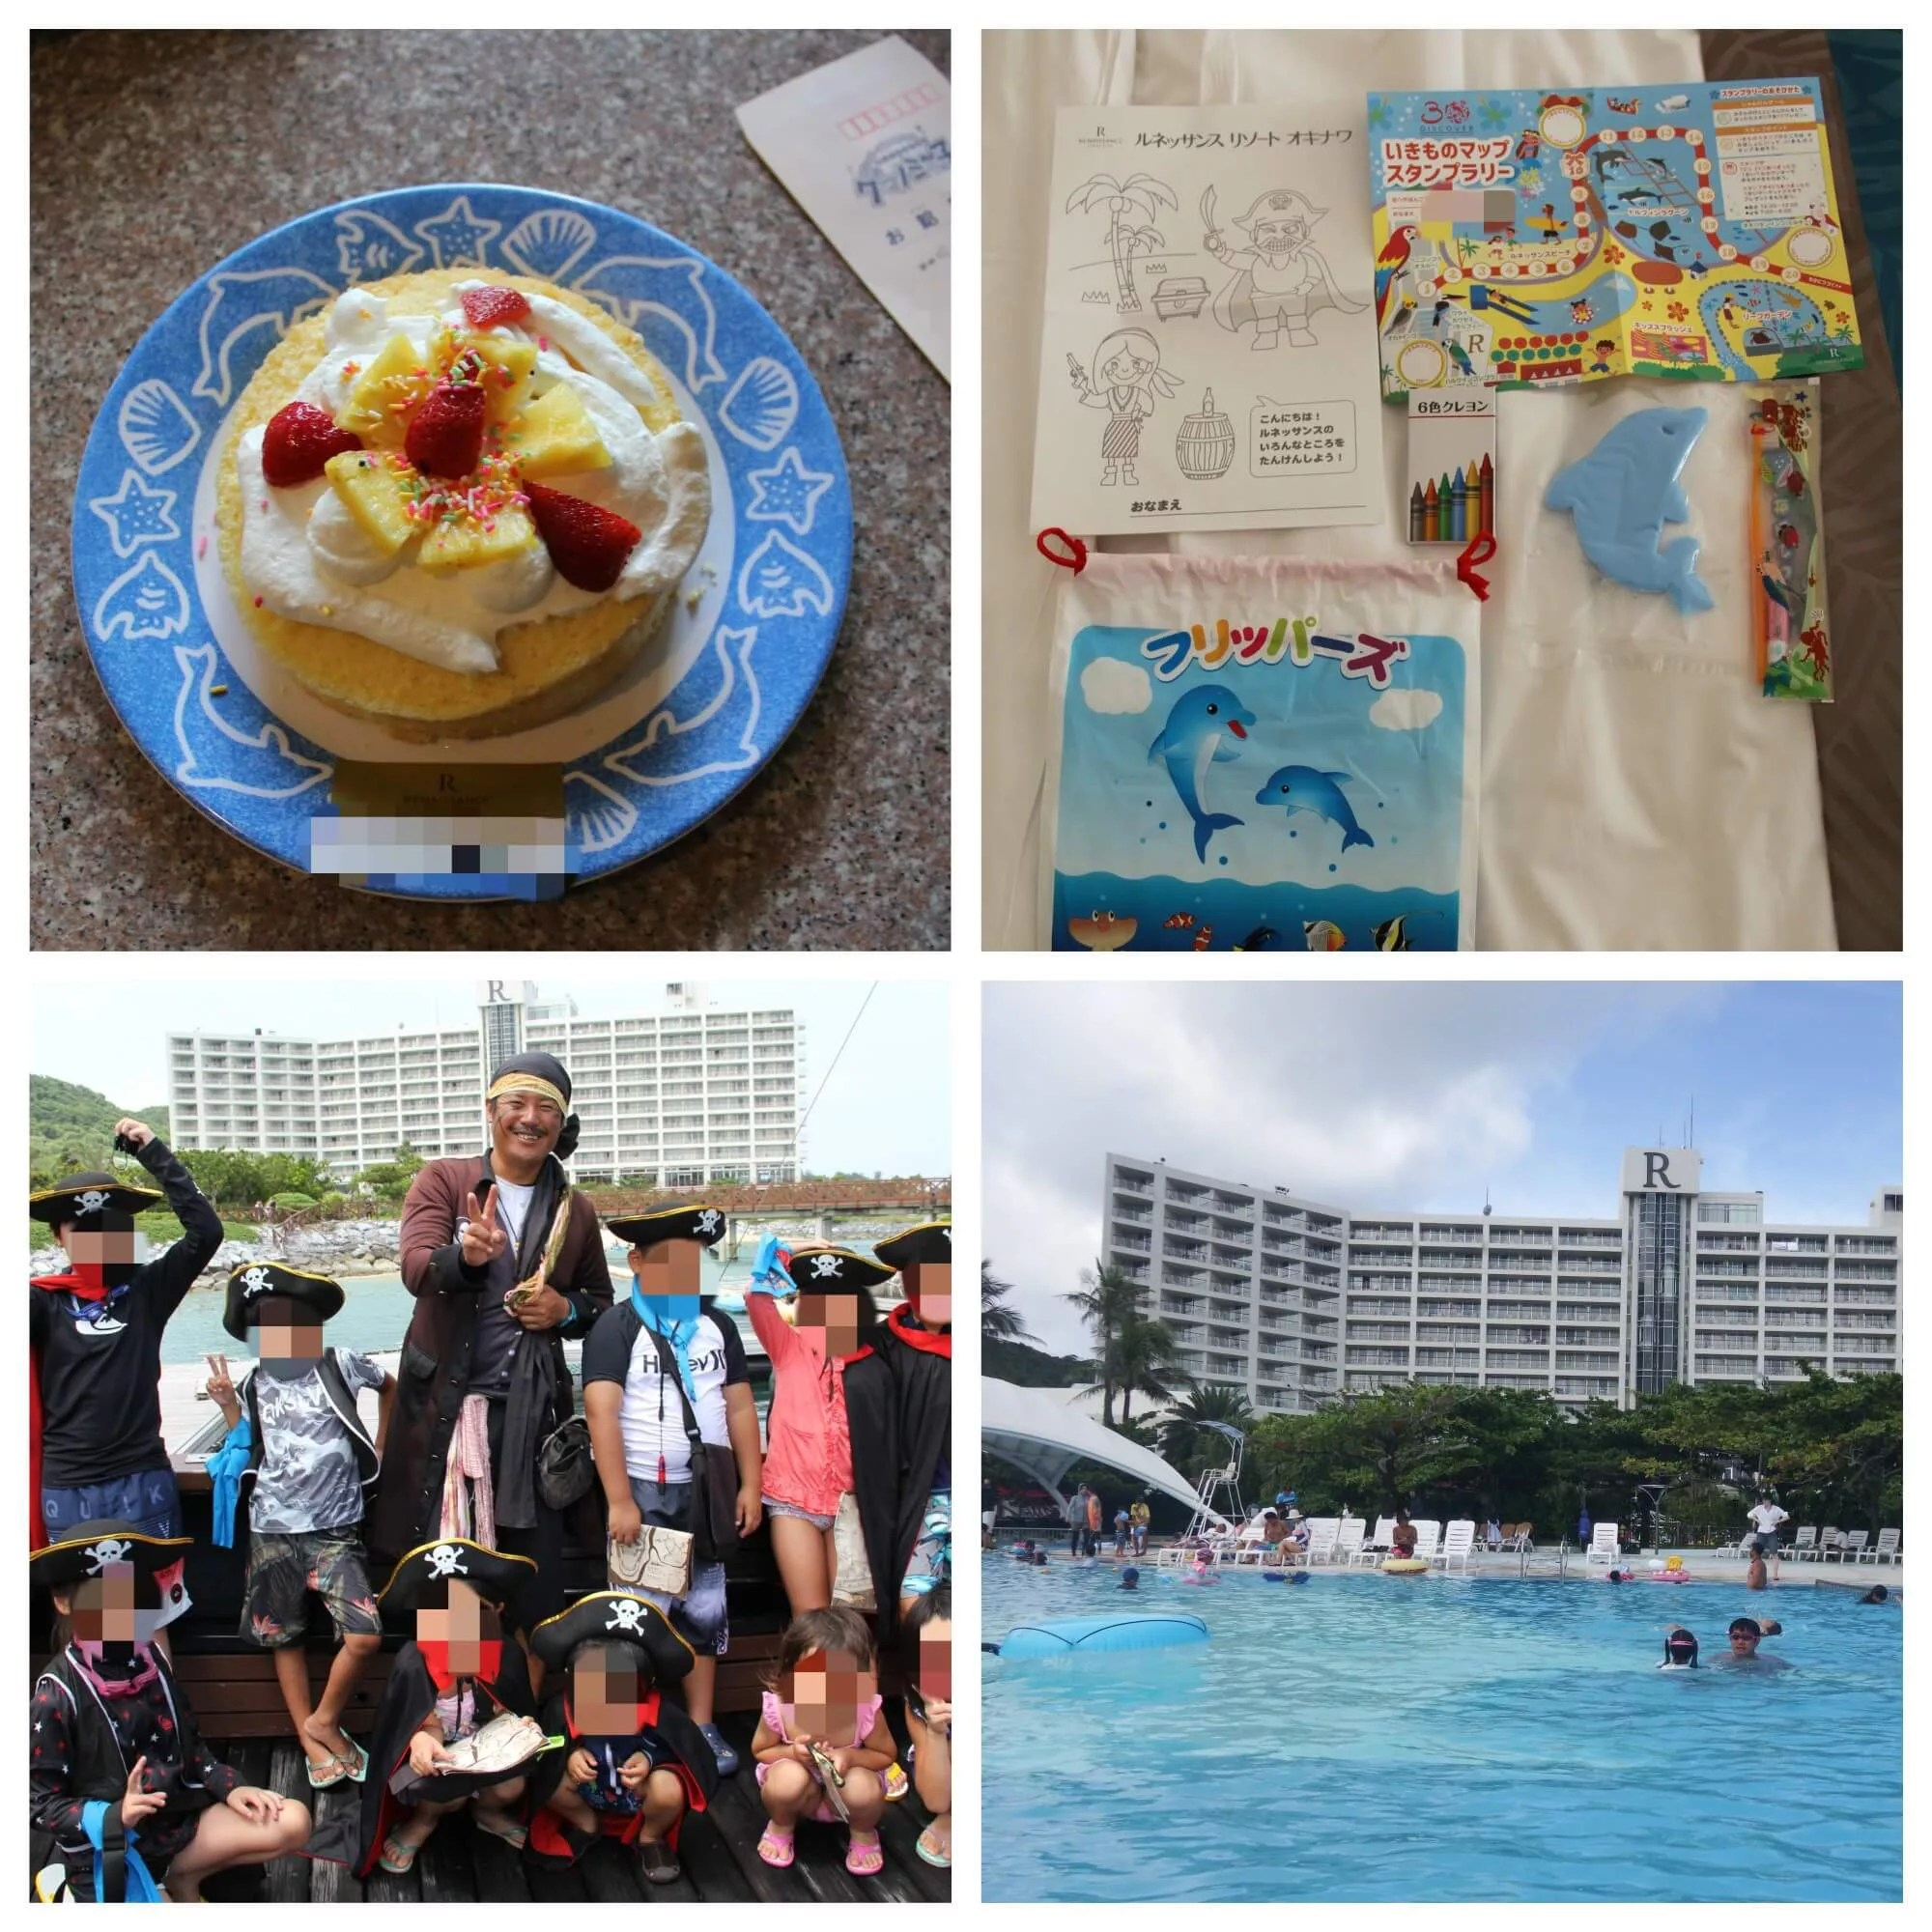 ルネッサンスリゾートオキナワが子連れ沖縄旅行におすすめの理由